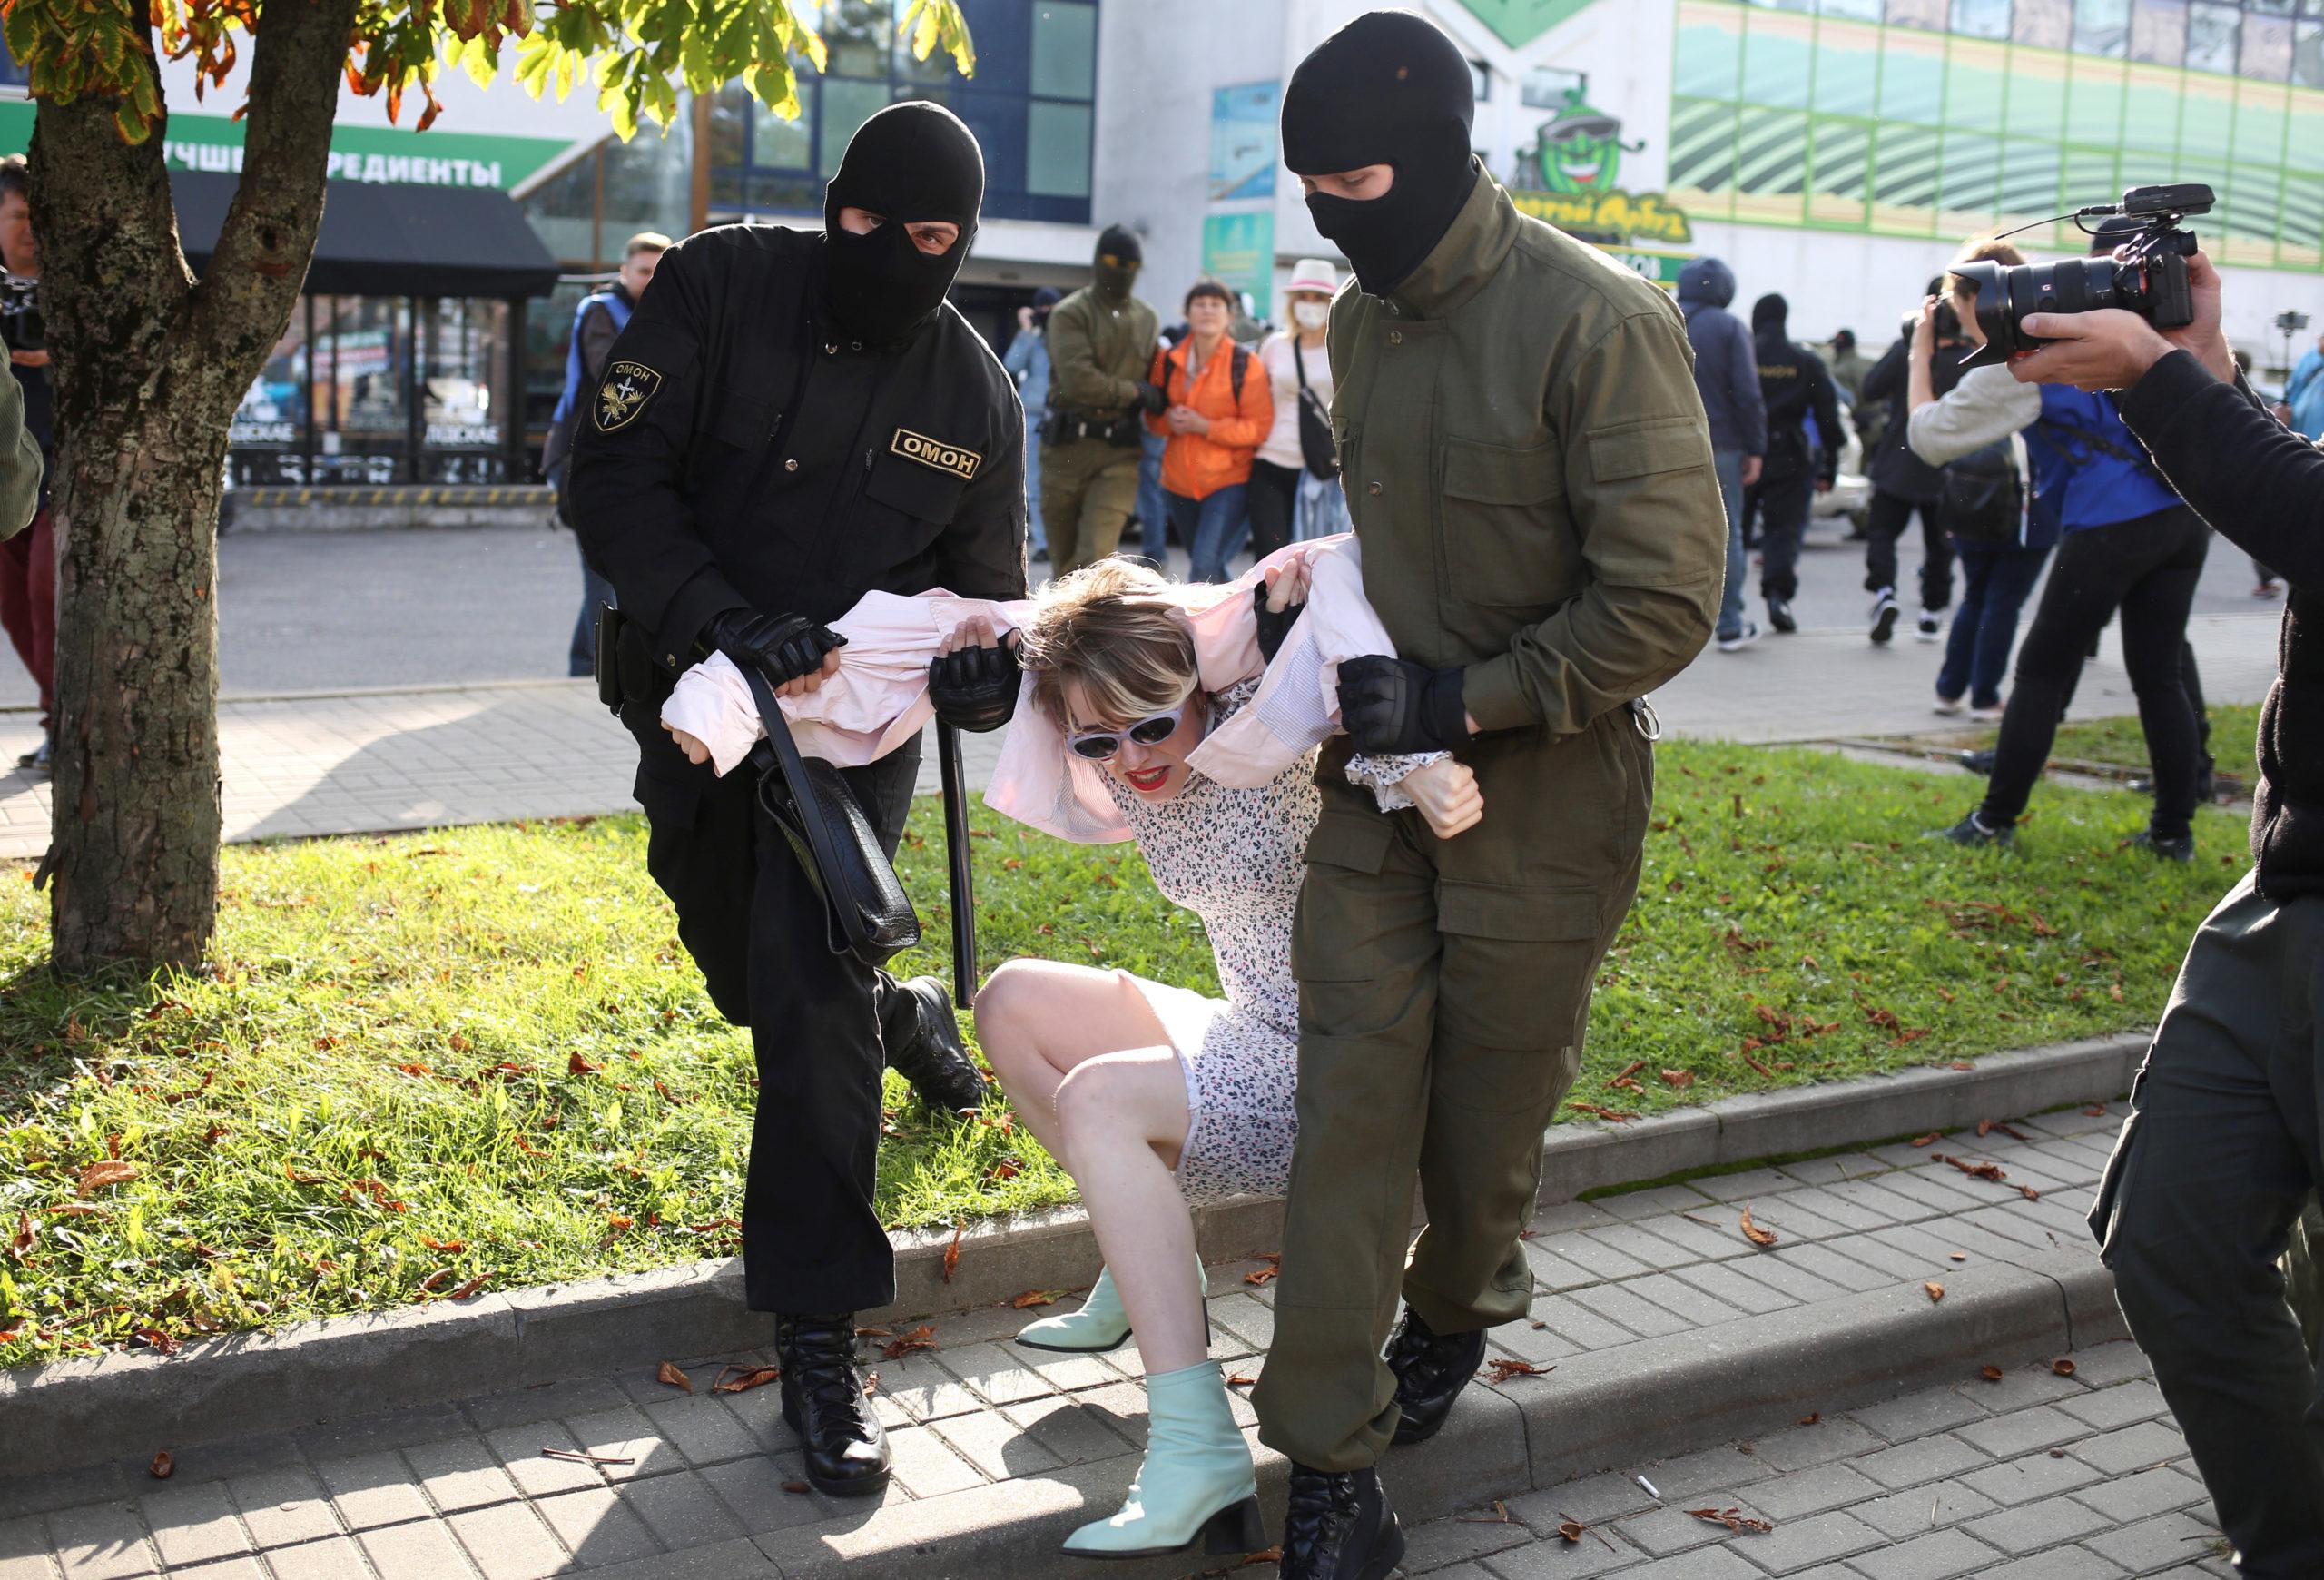 Biélorussie: La police a arrêté des centaines de manifestants à Minsk